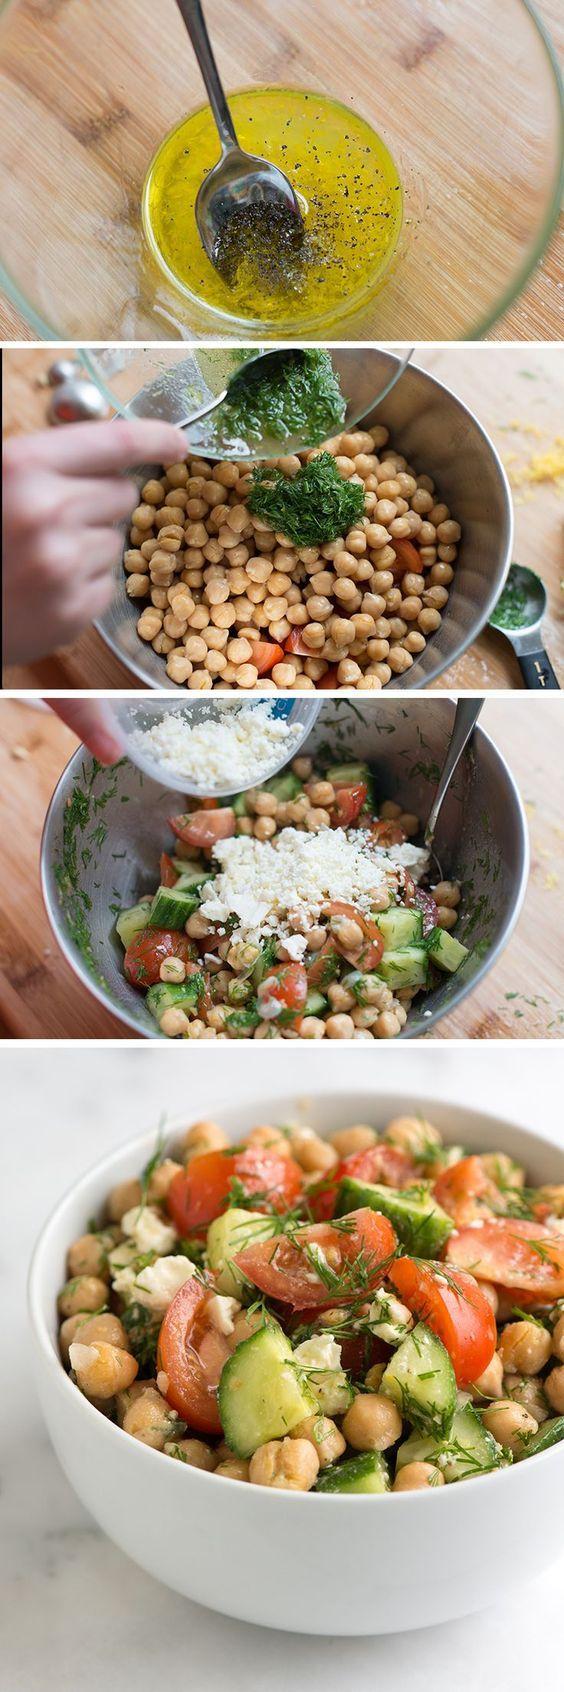 غذاهای لاغر کننده و چربی سوز